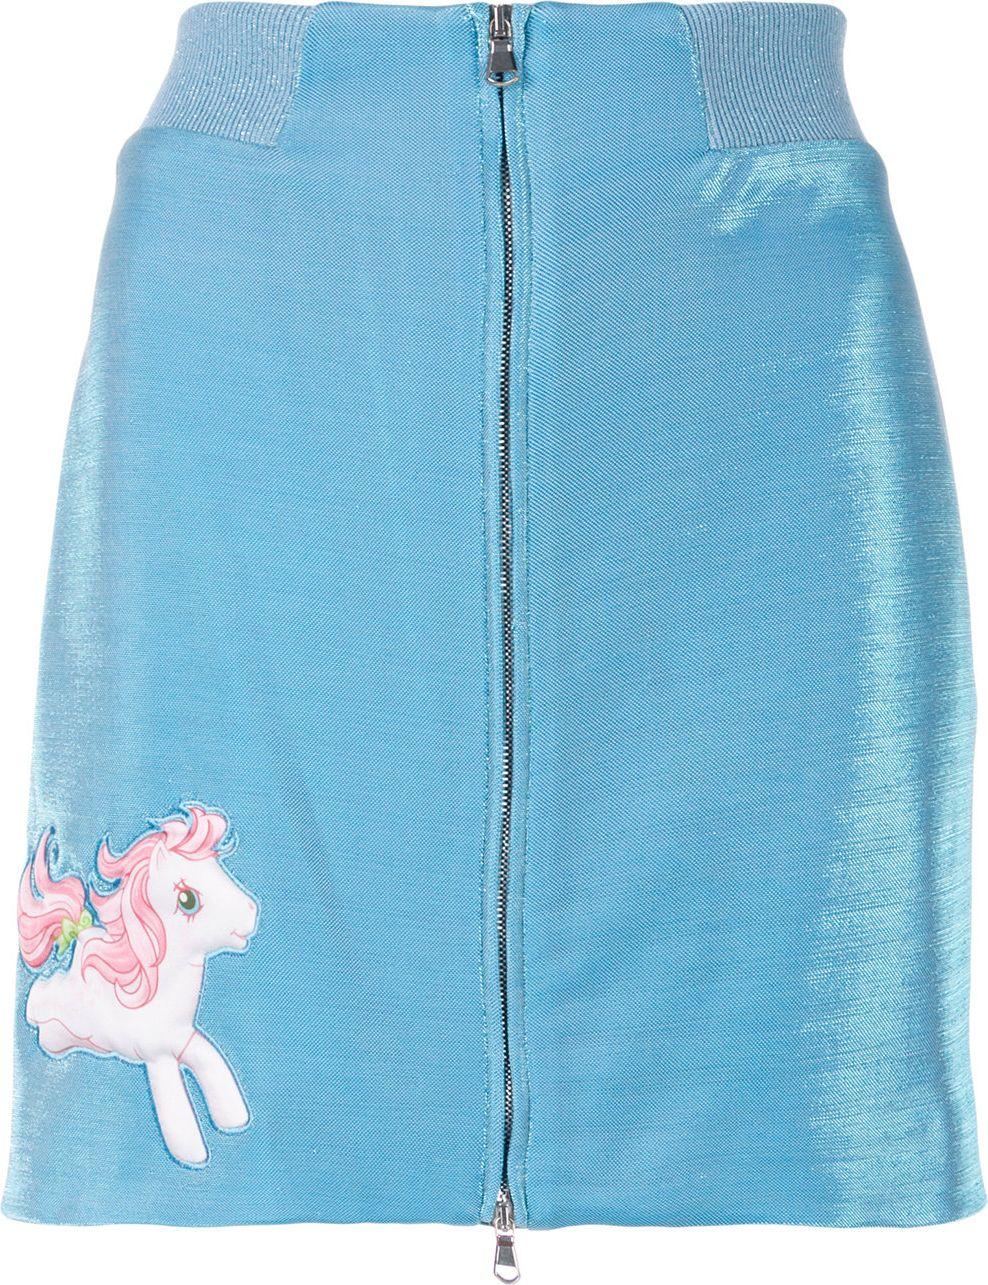 Moschino - My Little Pony mini skirt